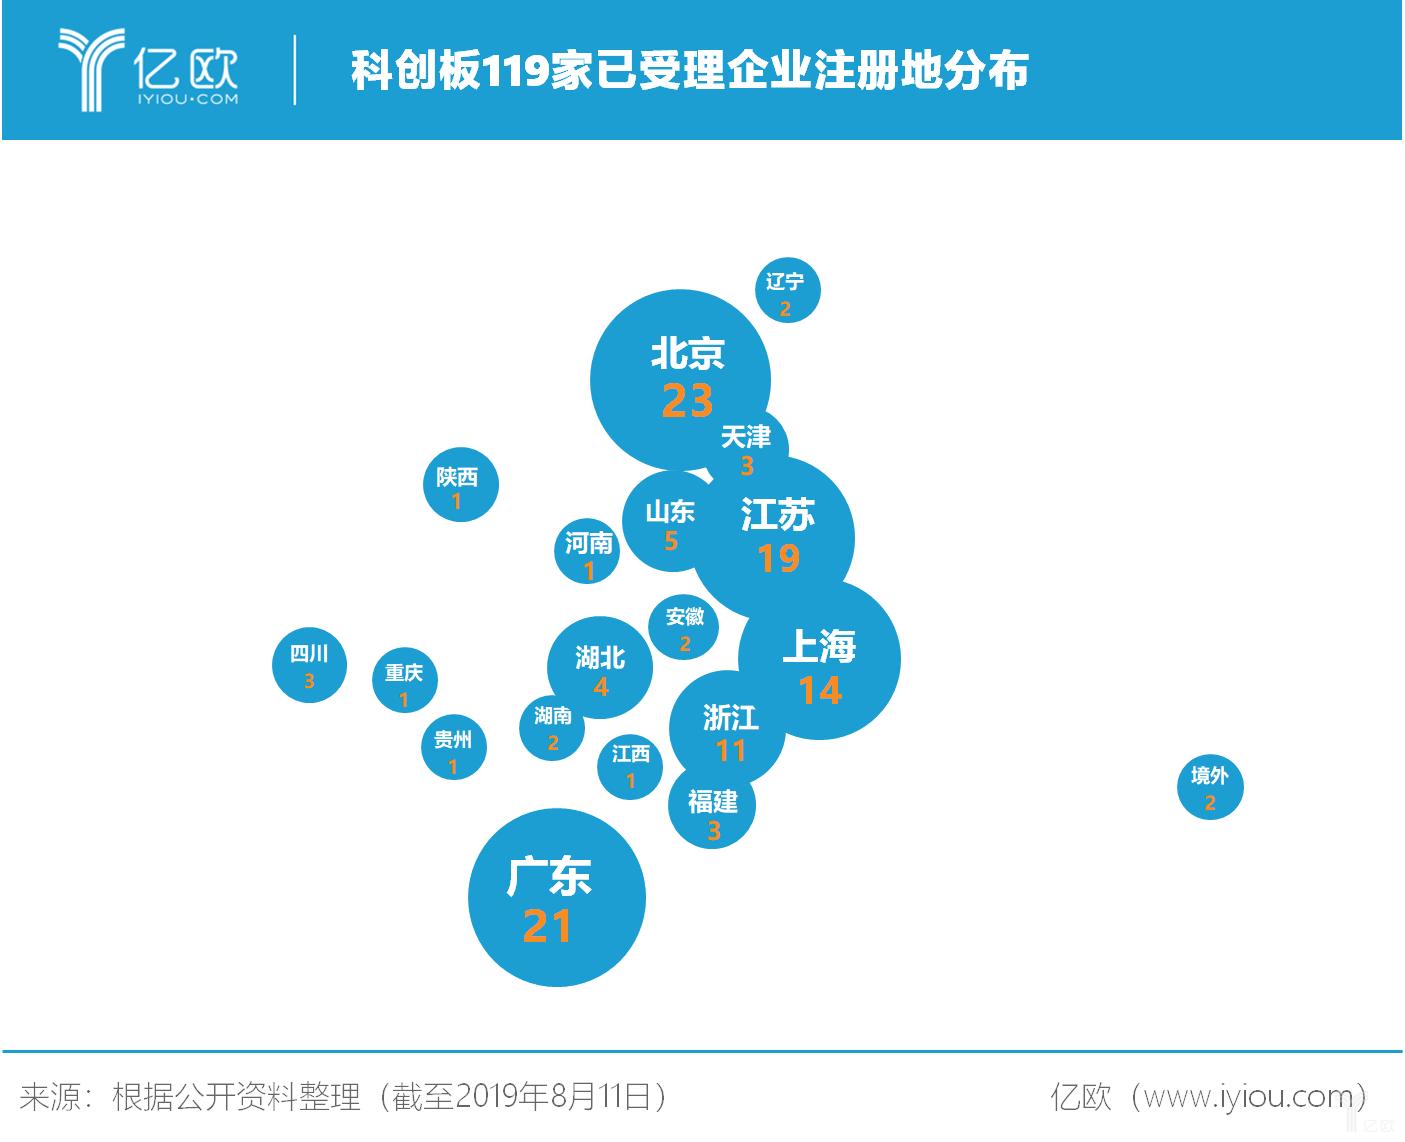 亿欧智库:科创板119家已受理企业注册地分布